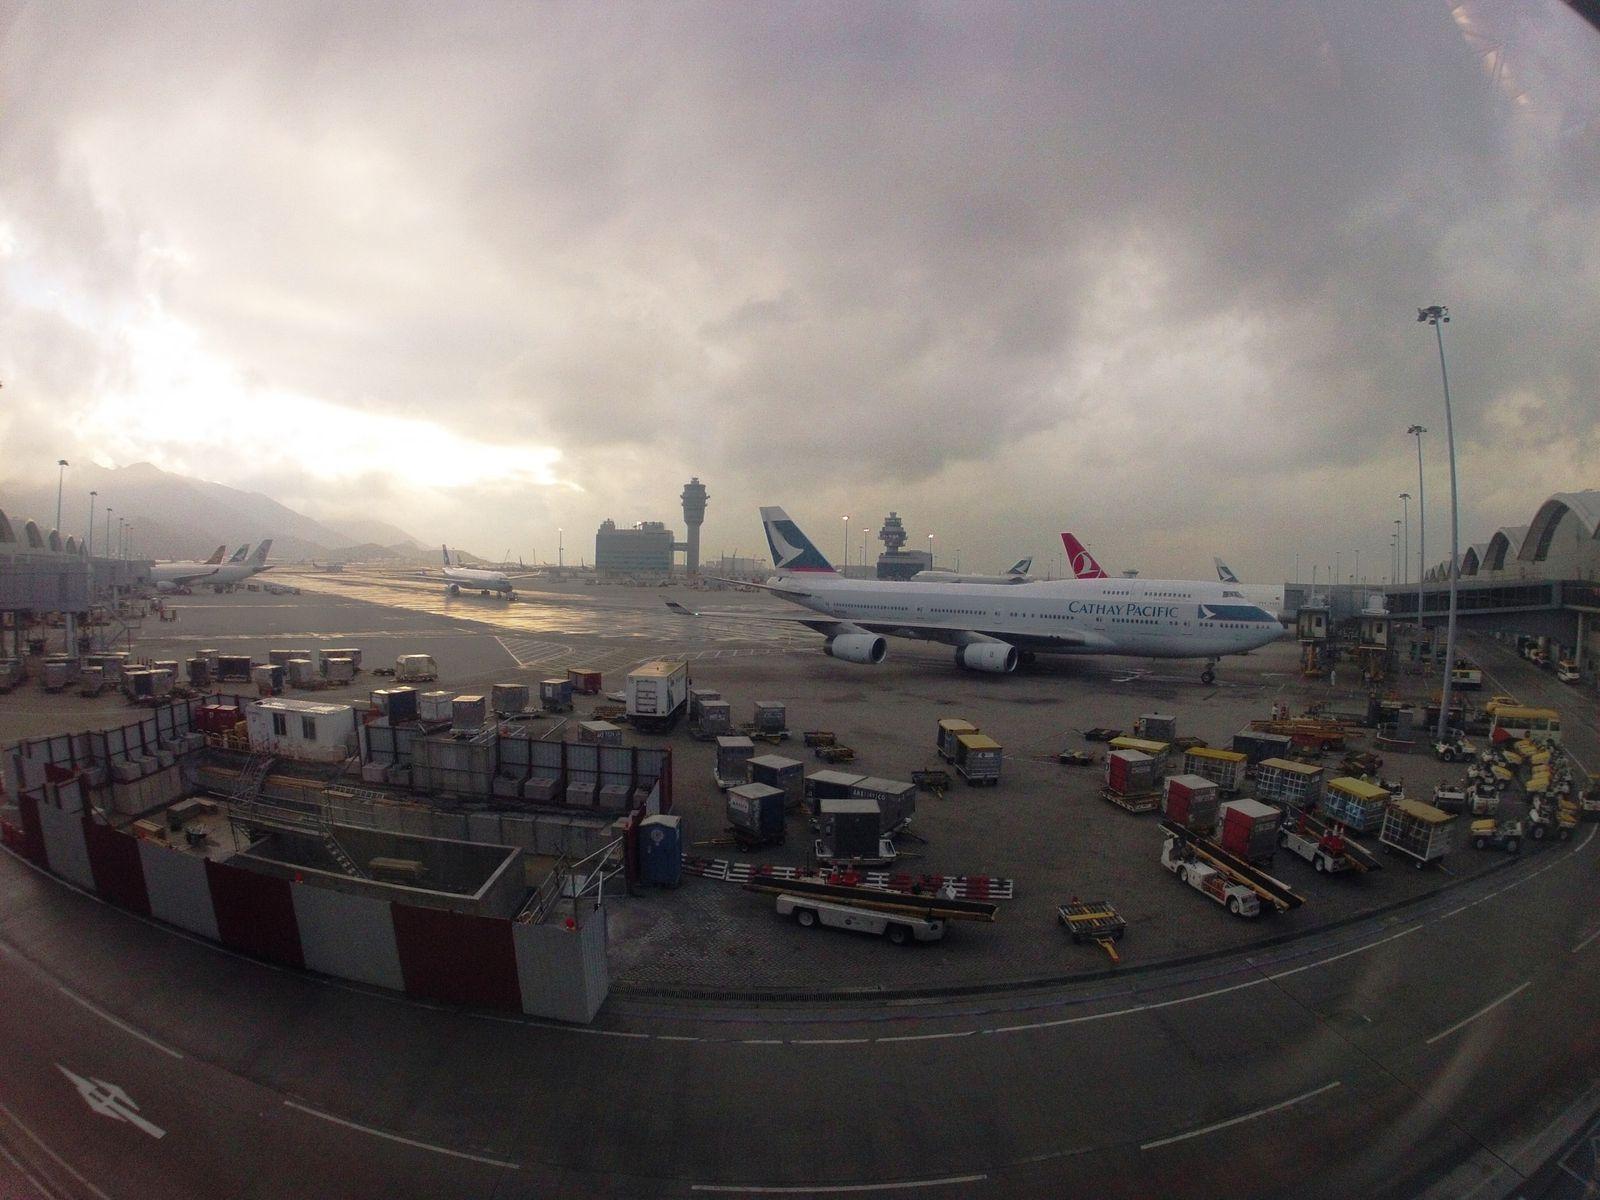 Photos de l'aéroport de Hong Kong, le soleil n'est pas trop présent hélas!! / Pictures from Hong Kong airport, the sun is really shy today, unfortunatly!